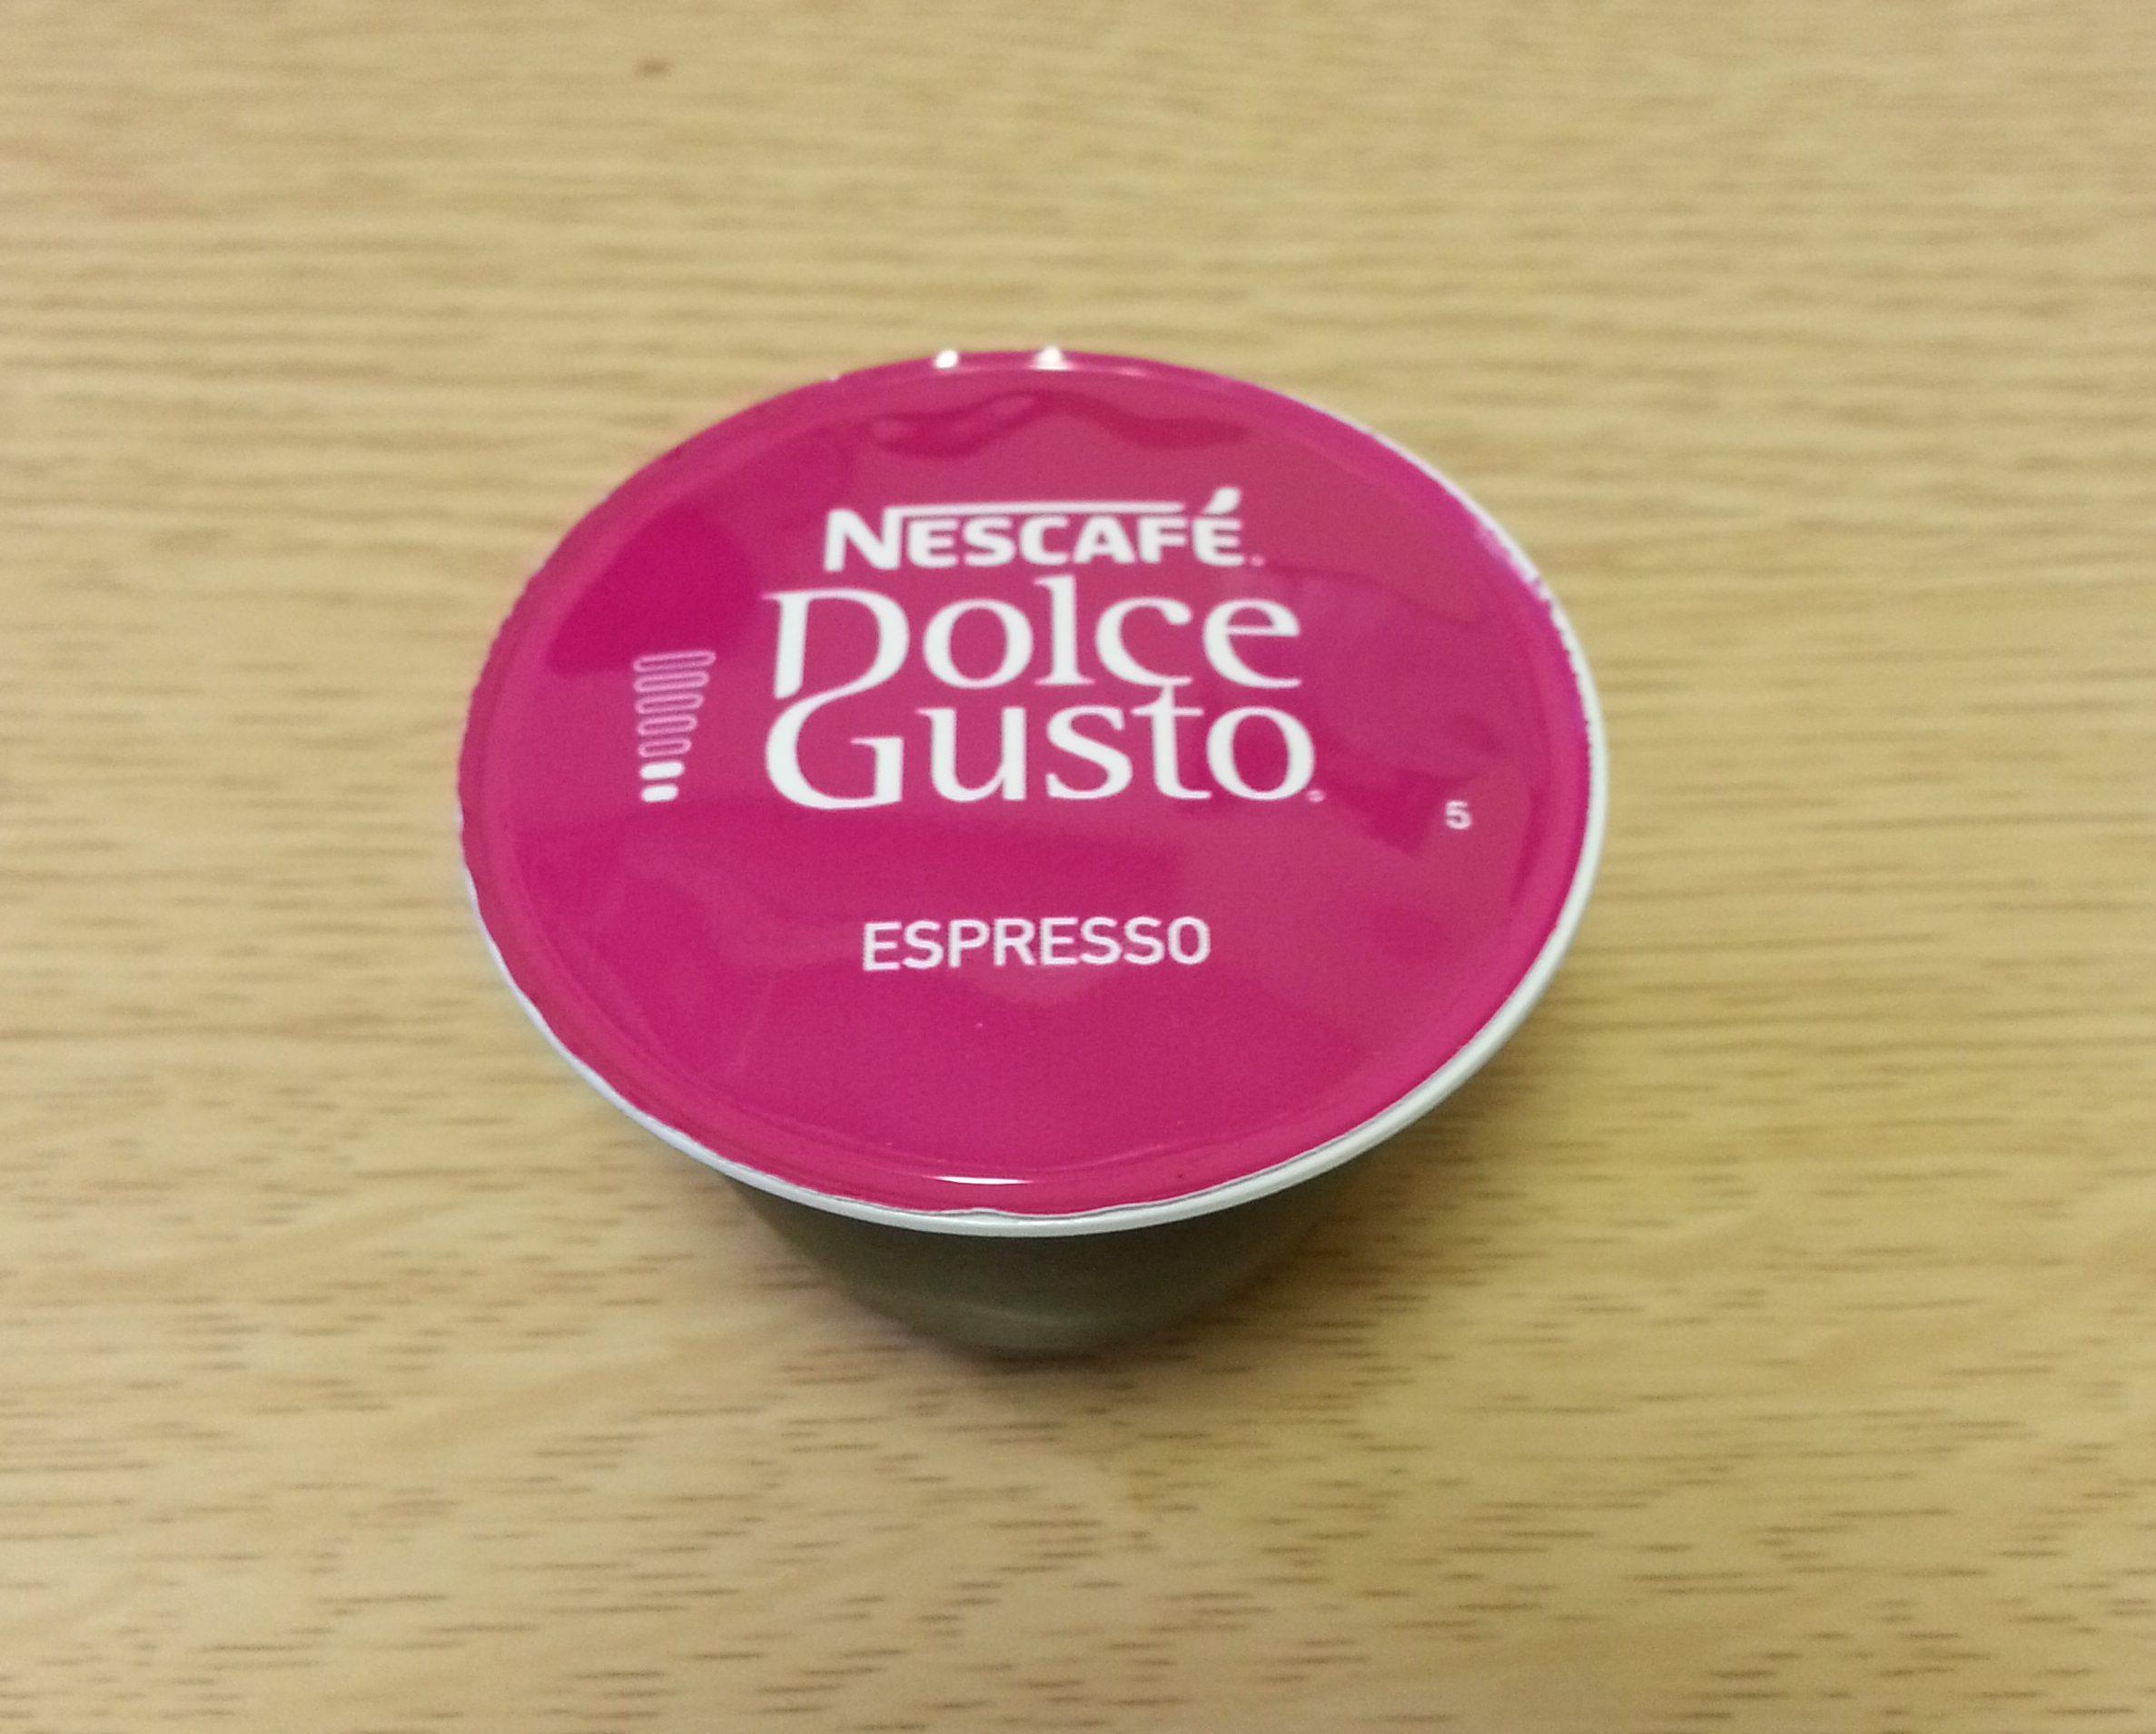 nescafe-dolcegusto-espresso1